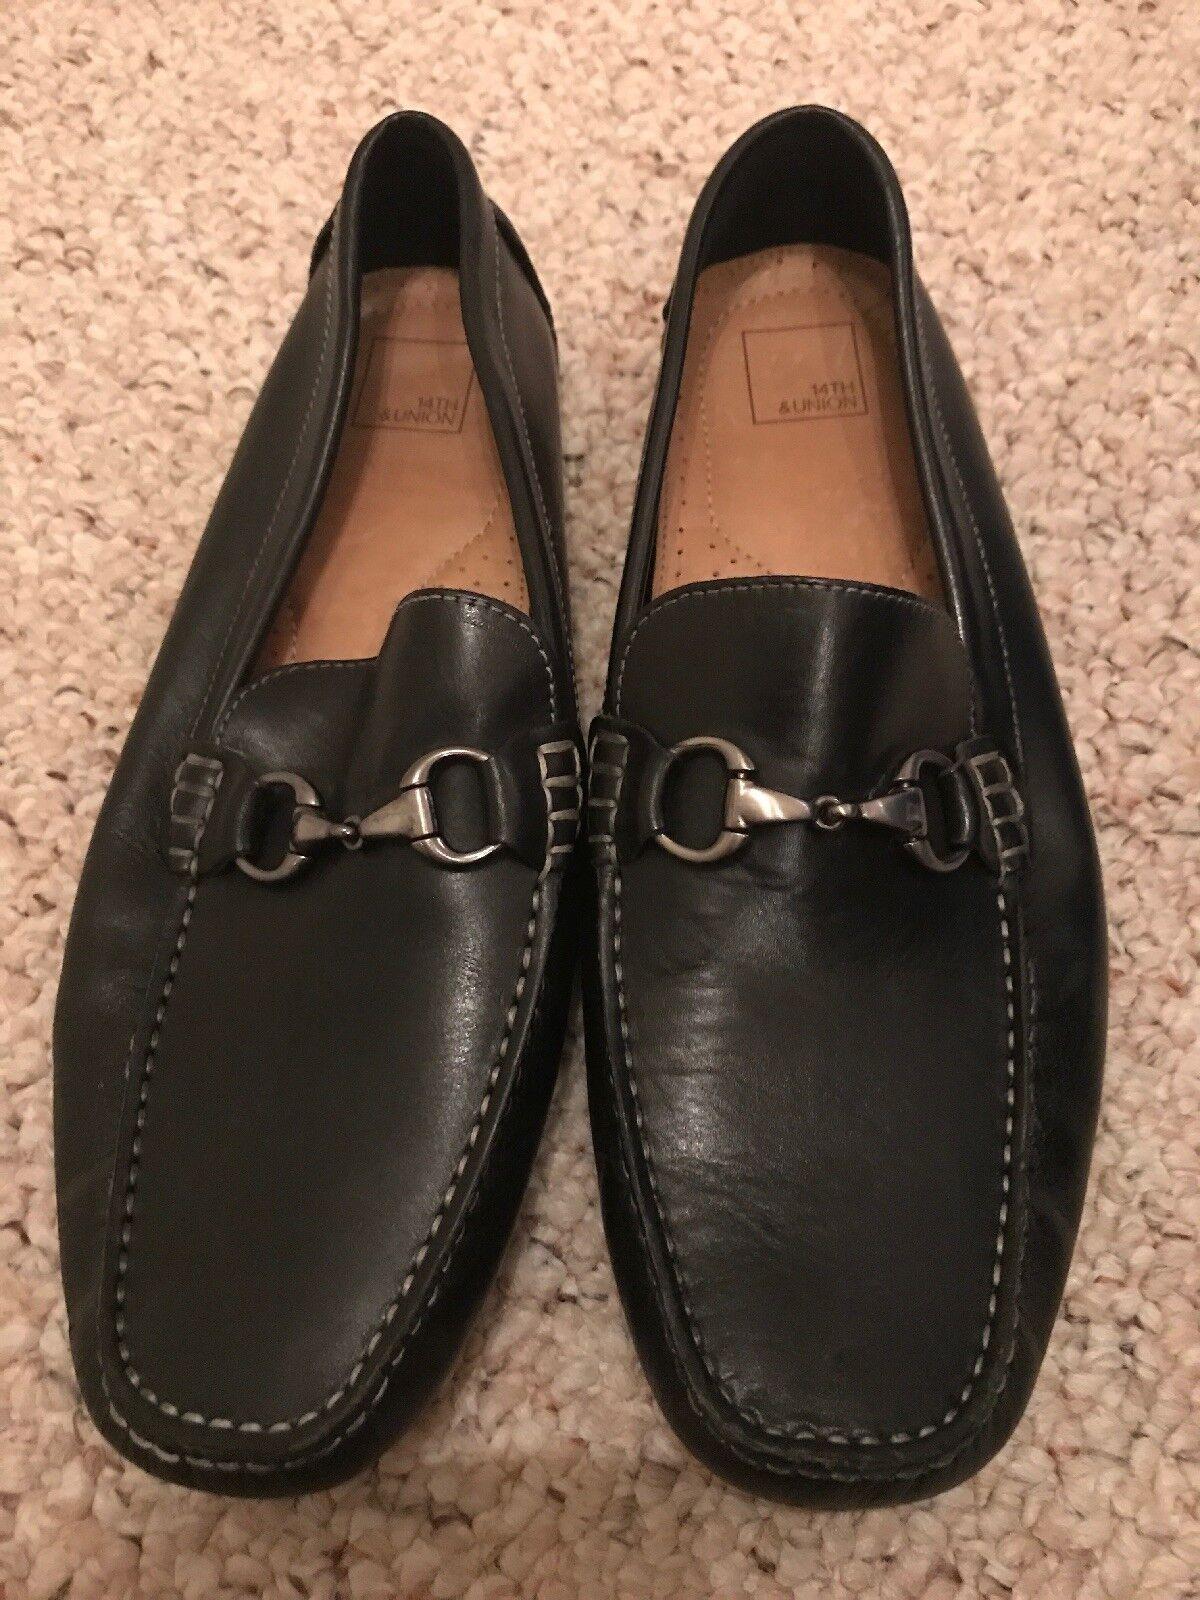 Mens 14TH &Union nero leather slip on driving  moccasins sz.12 M  100% nuovo di zecca con qualità originale